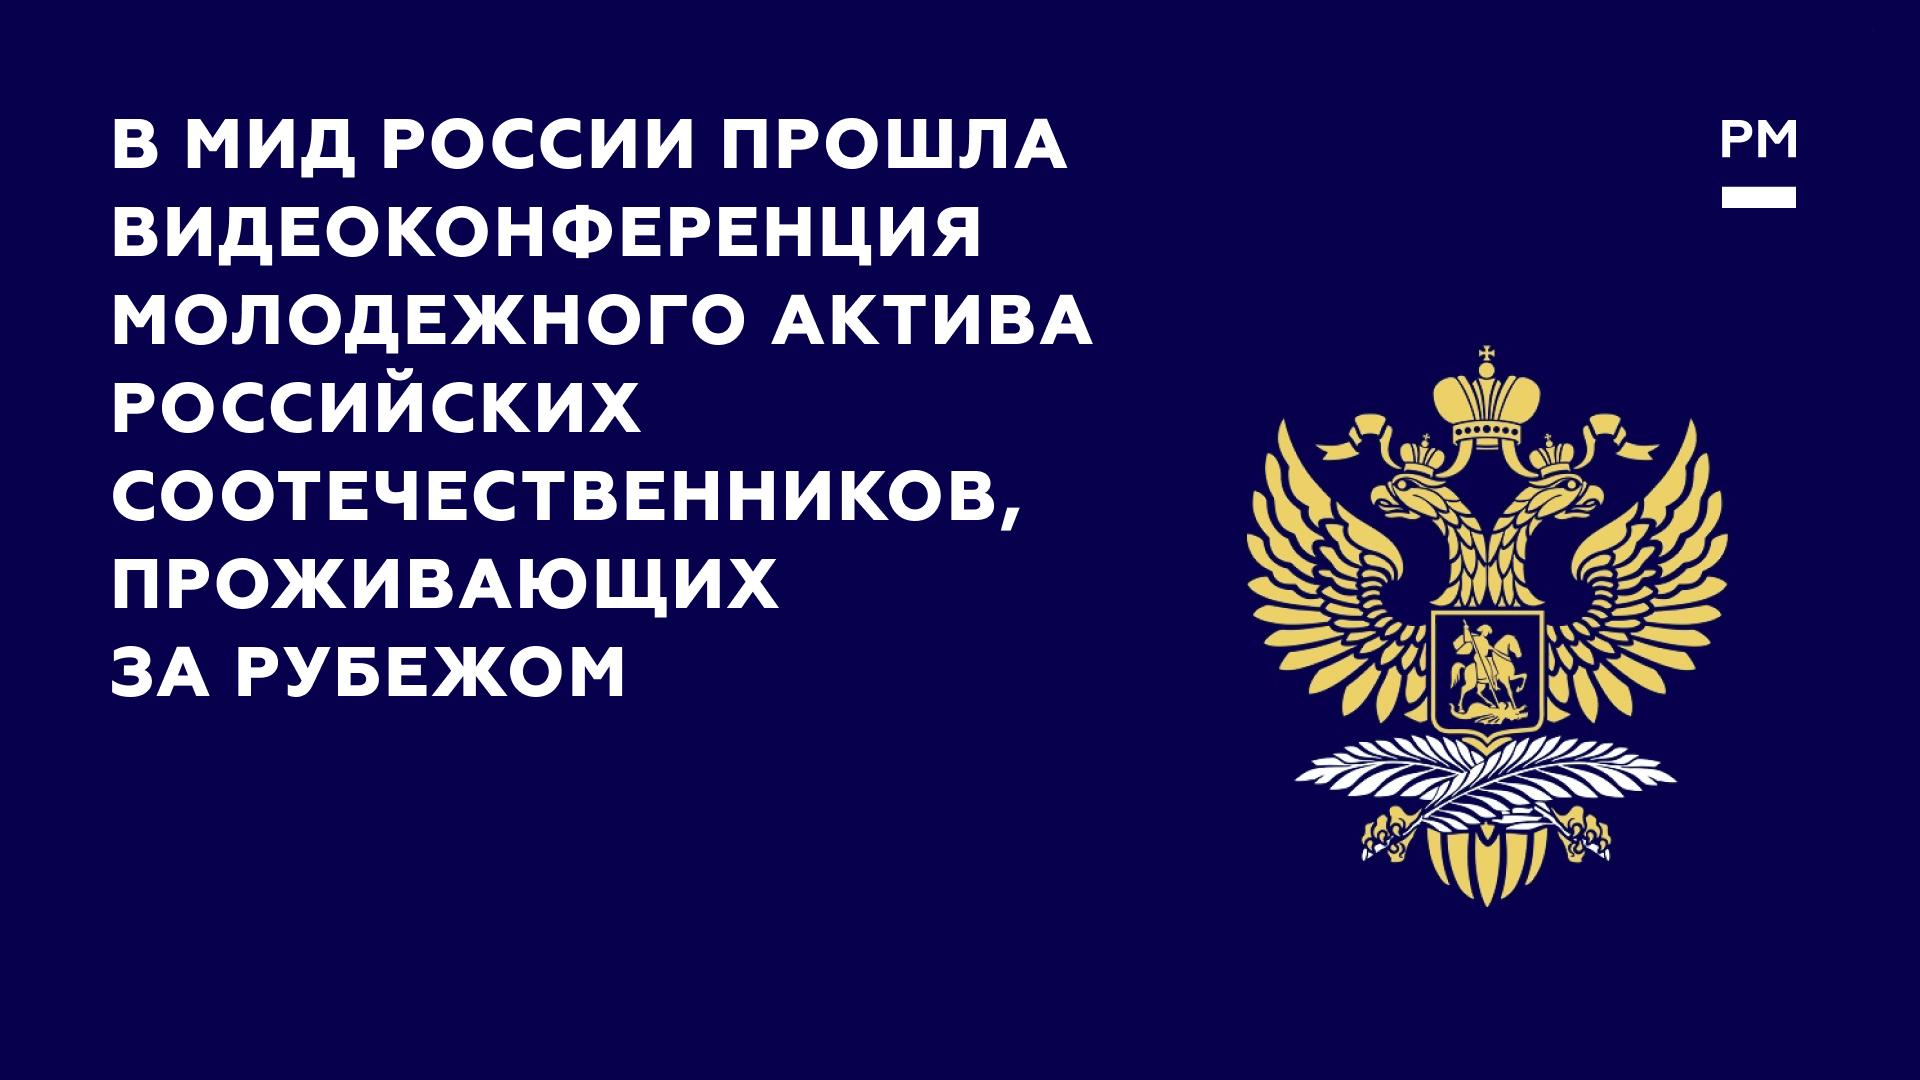 В МИД России прошла видеоконференция молодежного актива российских соотечественников, проживающих за рубежом